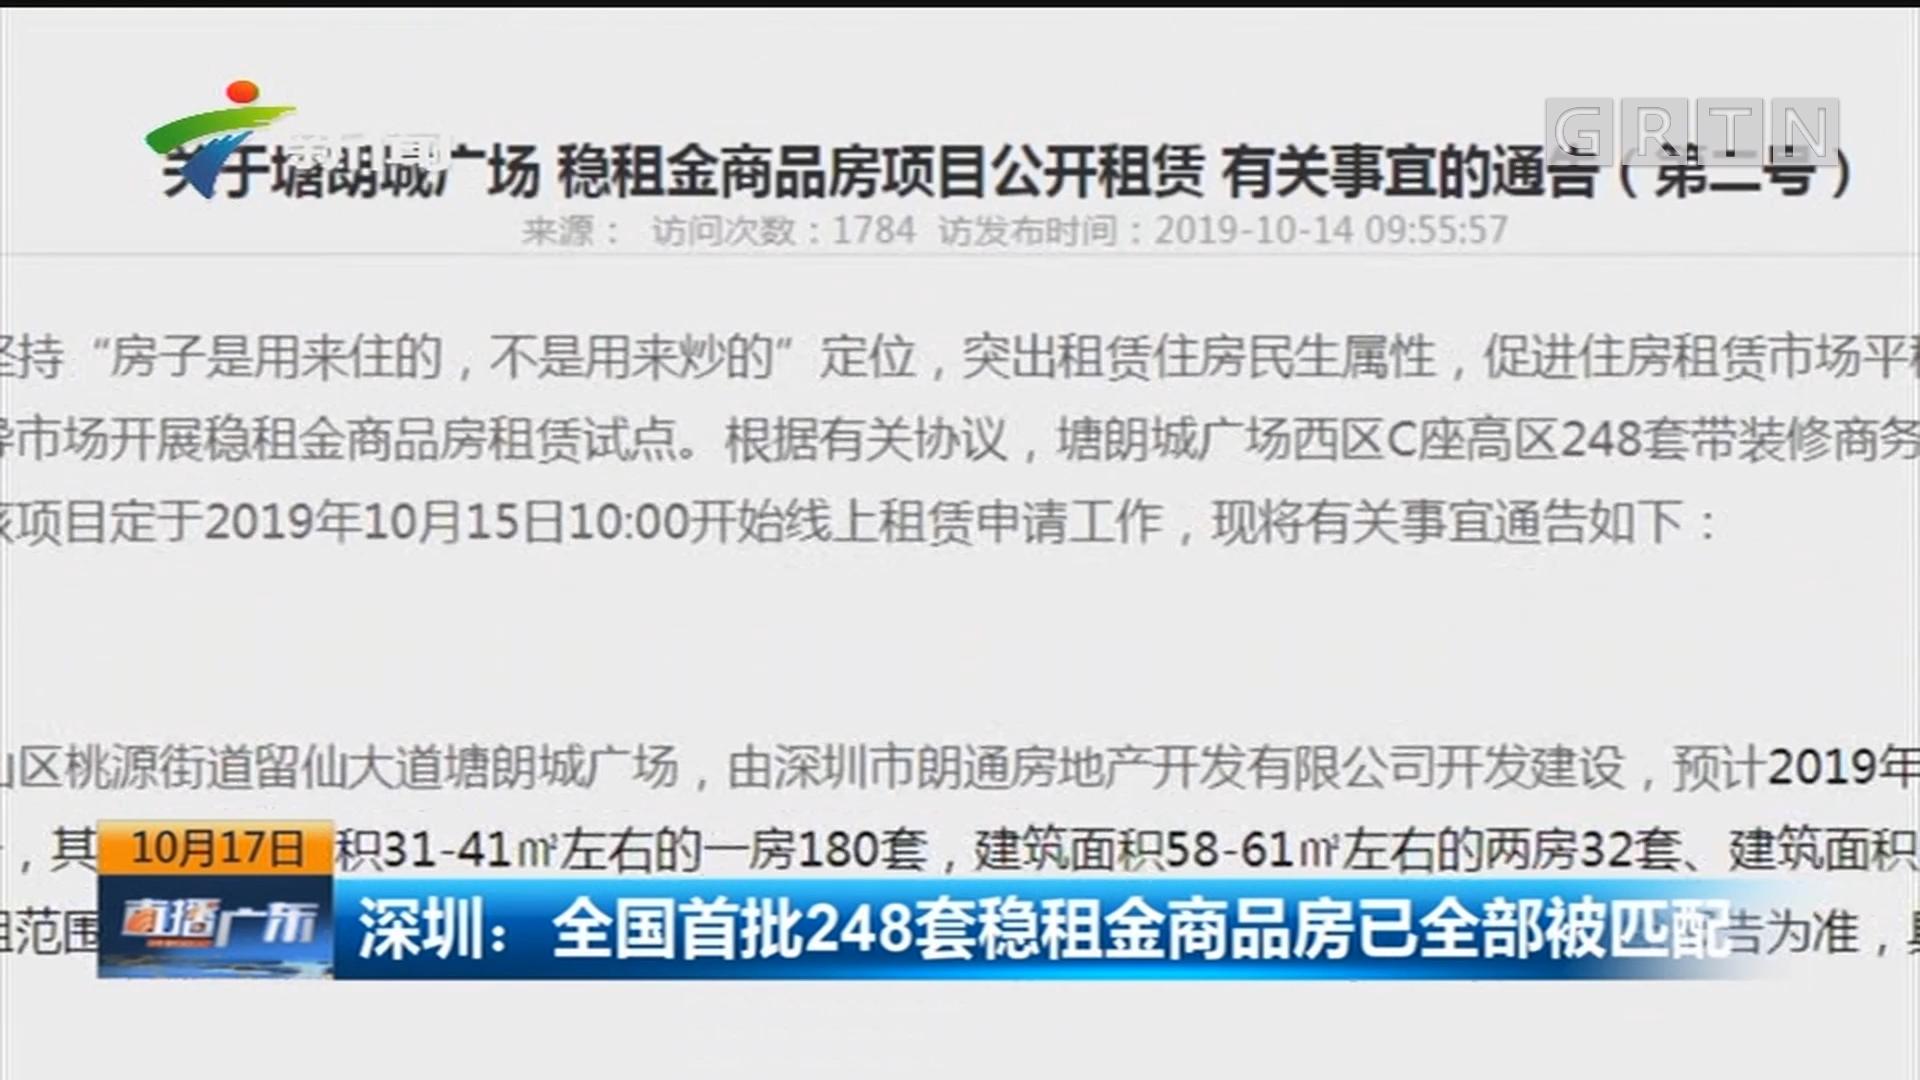 深圳:全国首批248套稳租金商品房已全部被匹配